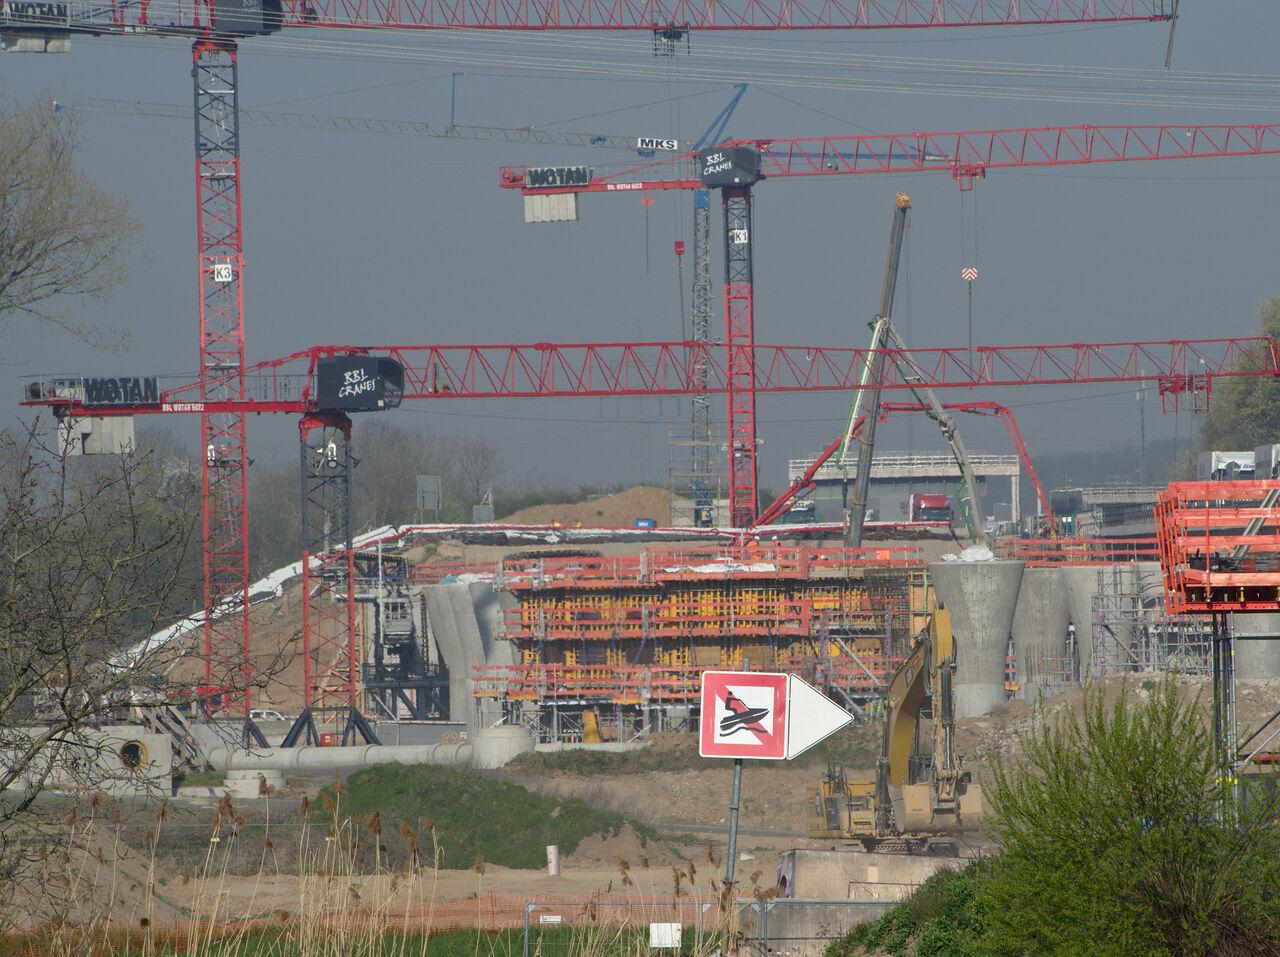 20200407_Autobahn_Neckarsulm_002